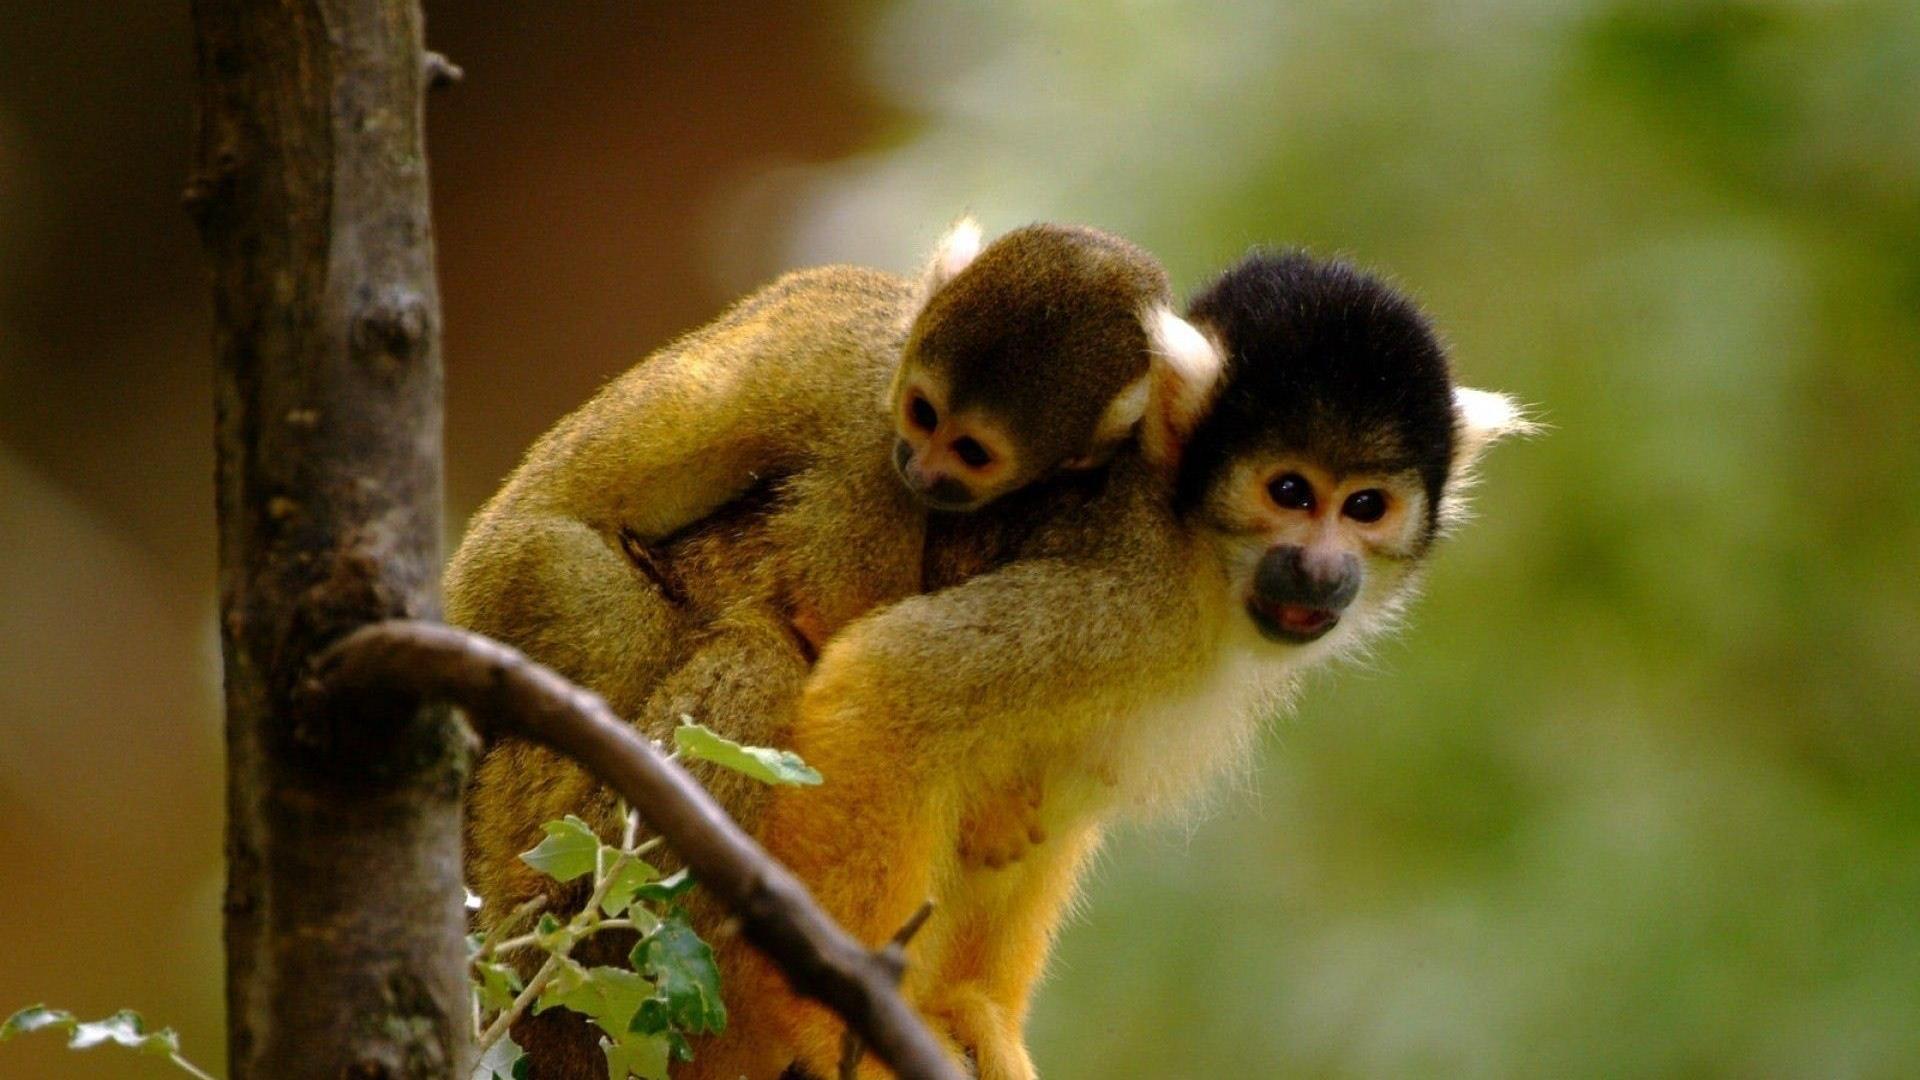 Cute monkeys wallpaper   1045363 1920x1080